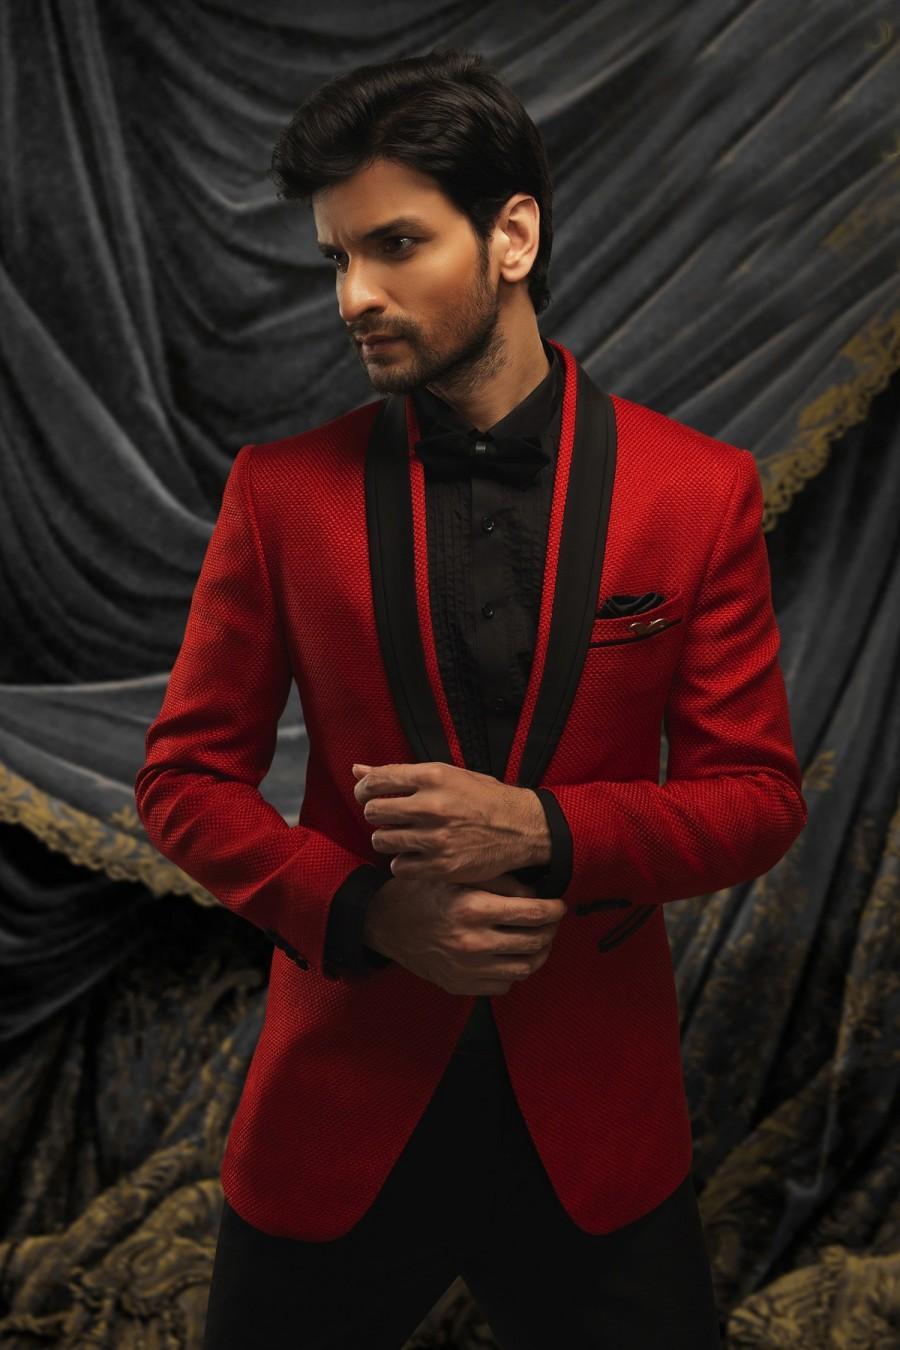 Wedding - Maroon jute debonair prince suit with shawl lapel